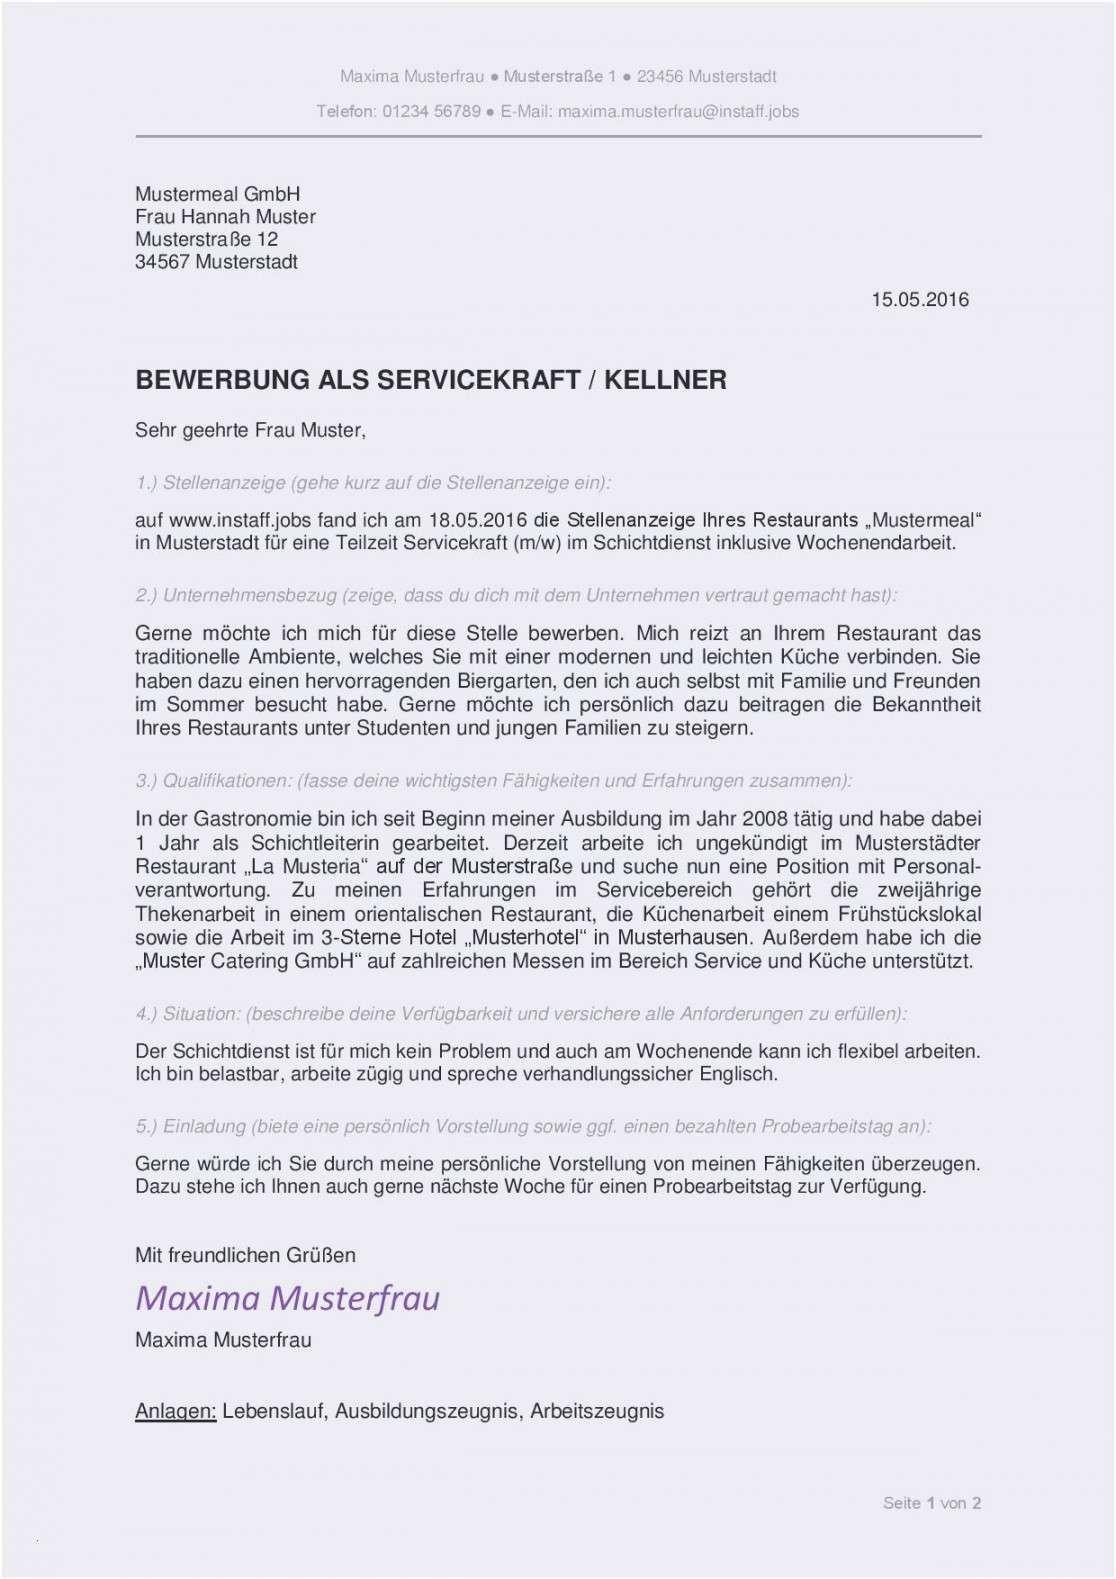 Glamouros Arbeitszeugnis Restaurantleiter Vorlage Bewerbung Schreiben Bewerbungsschreiben Stellenanzeigen